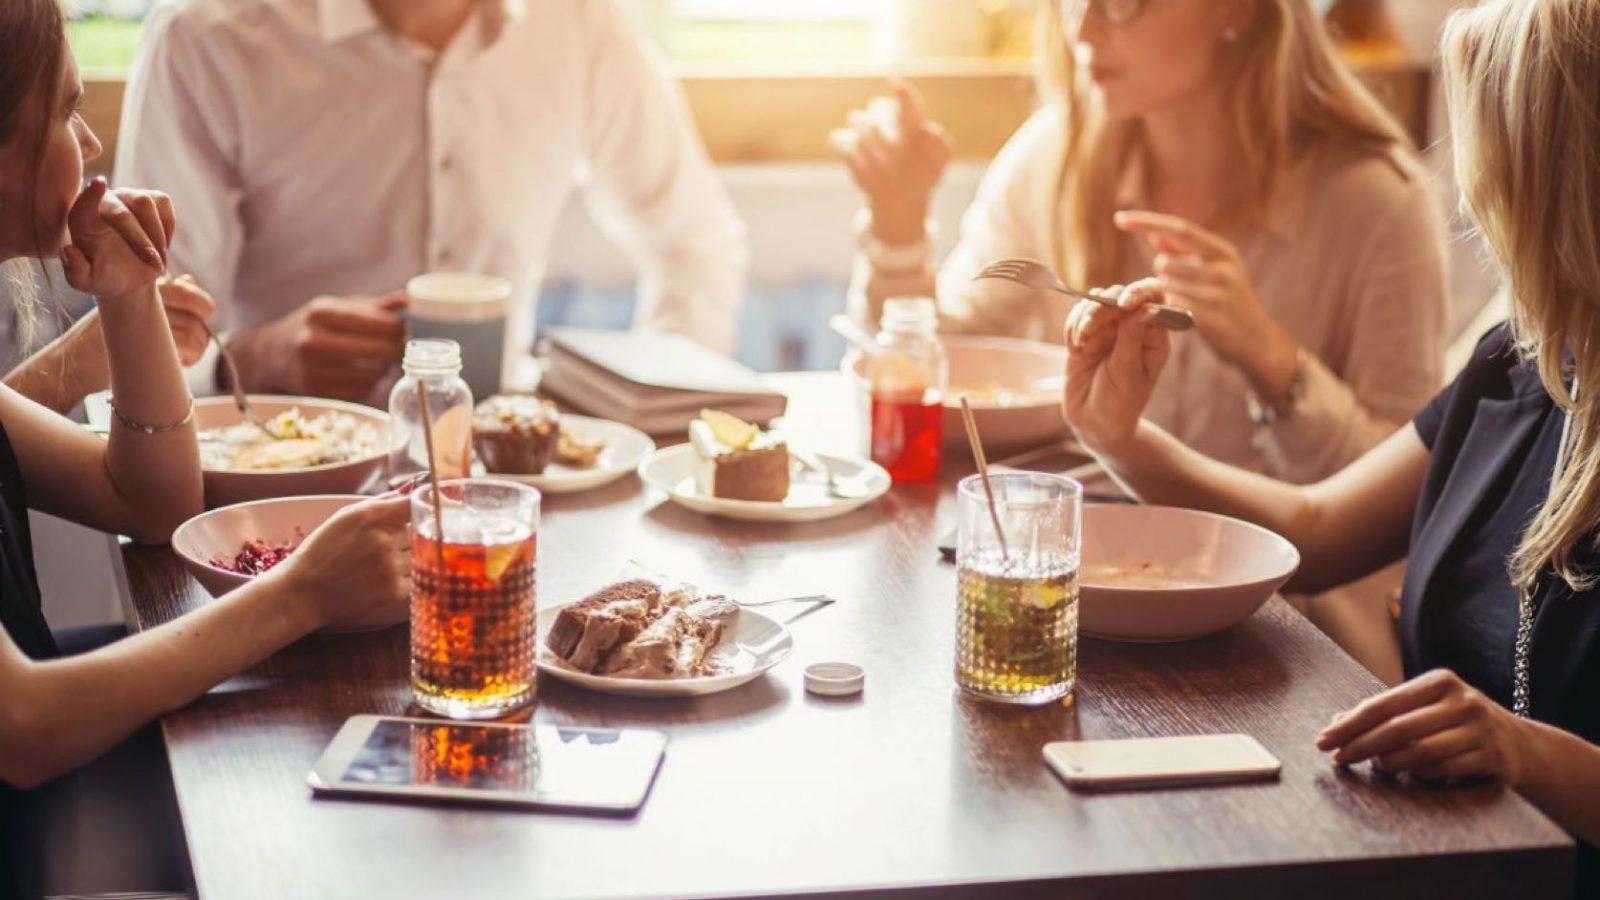 4 personer sitter och äter runt ett bord